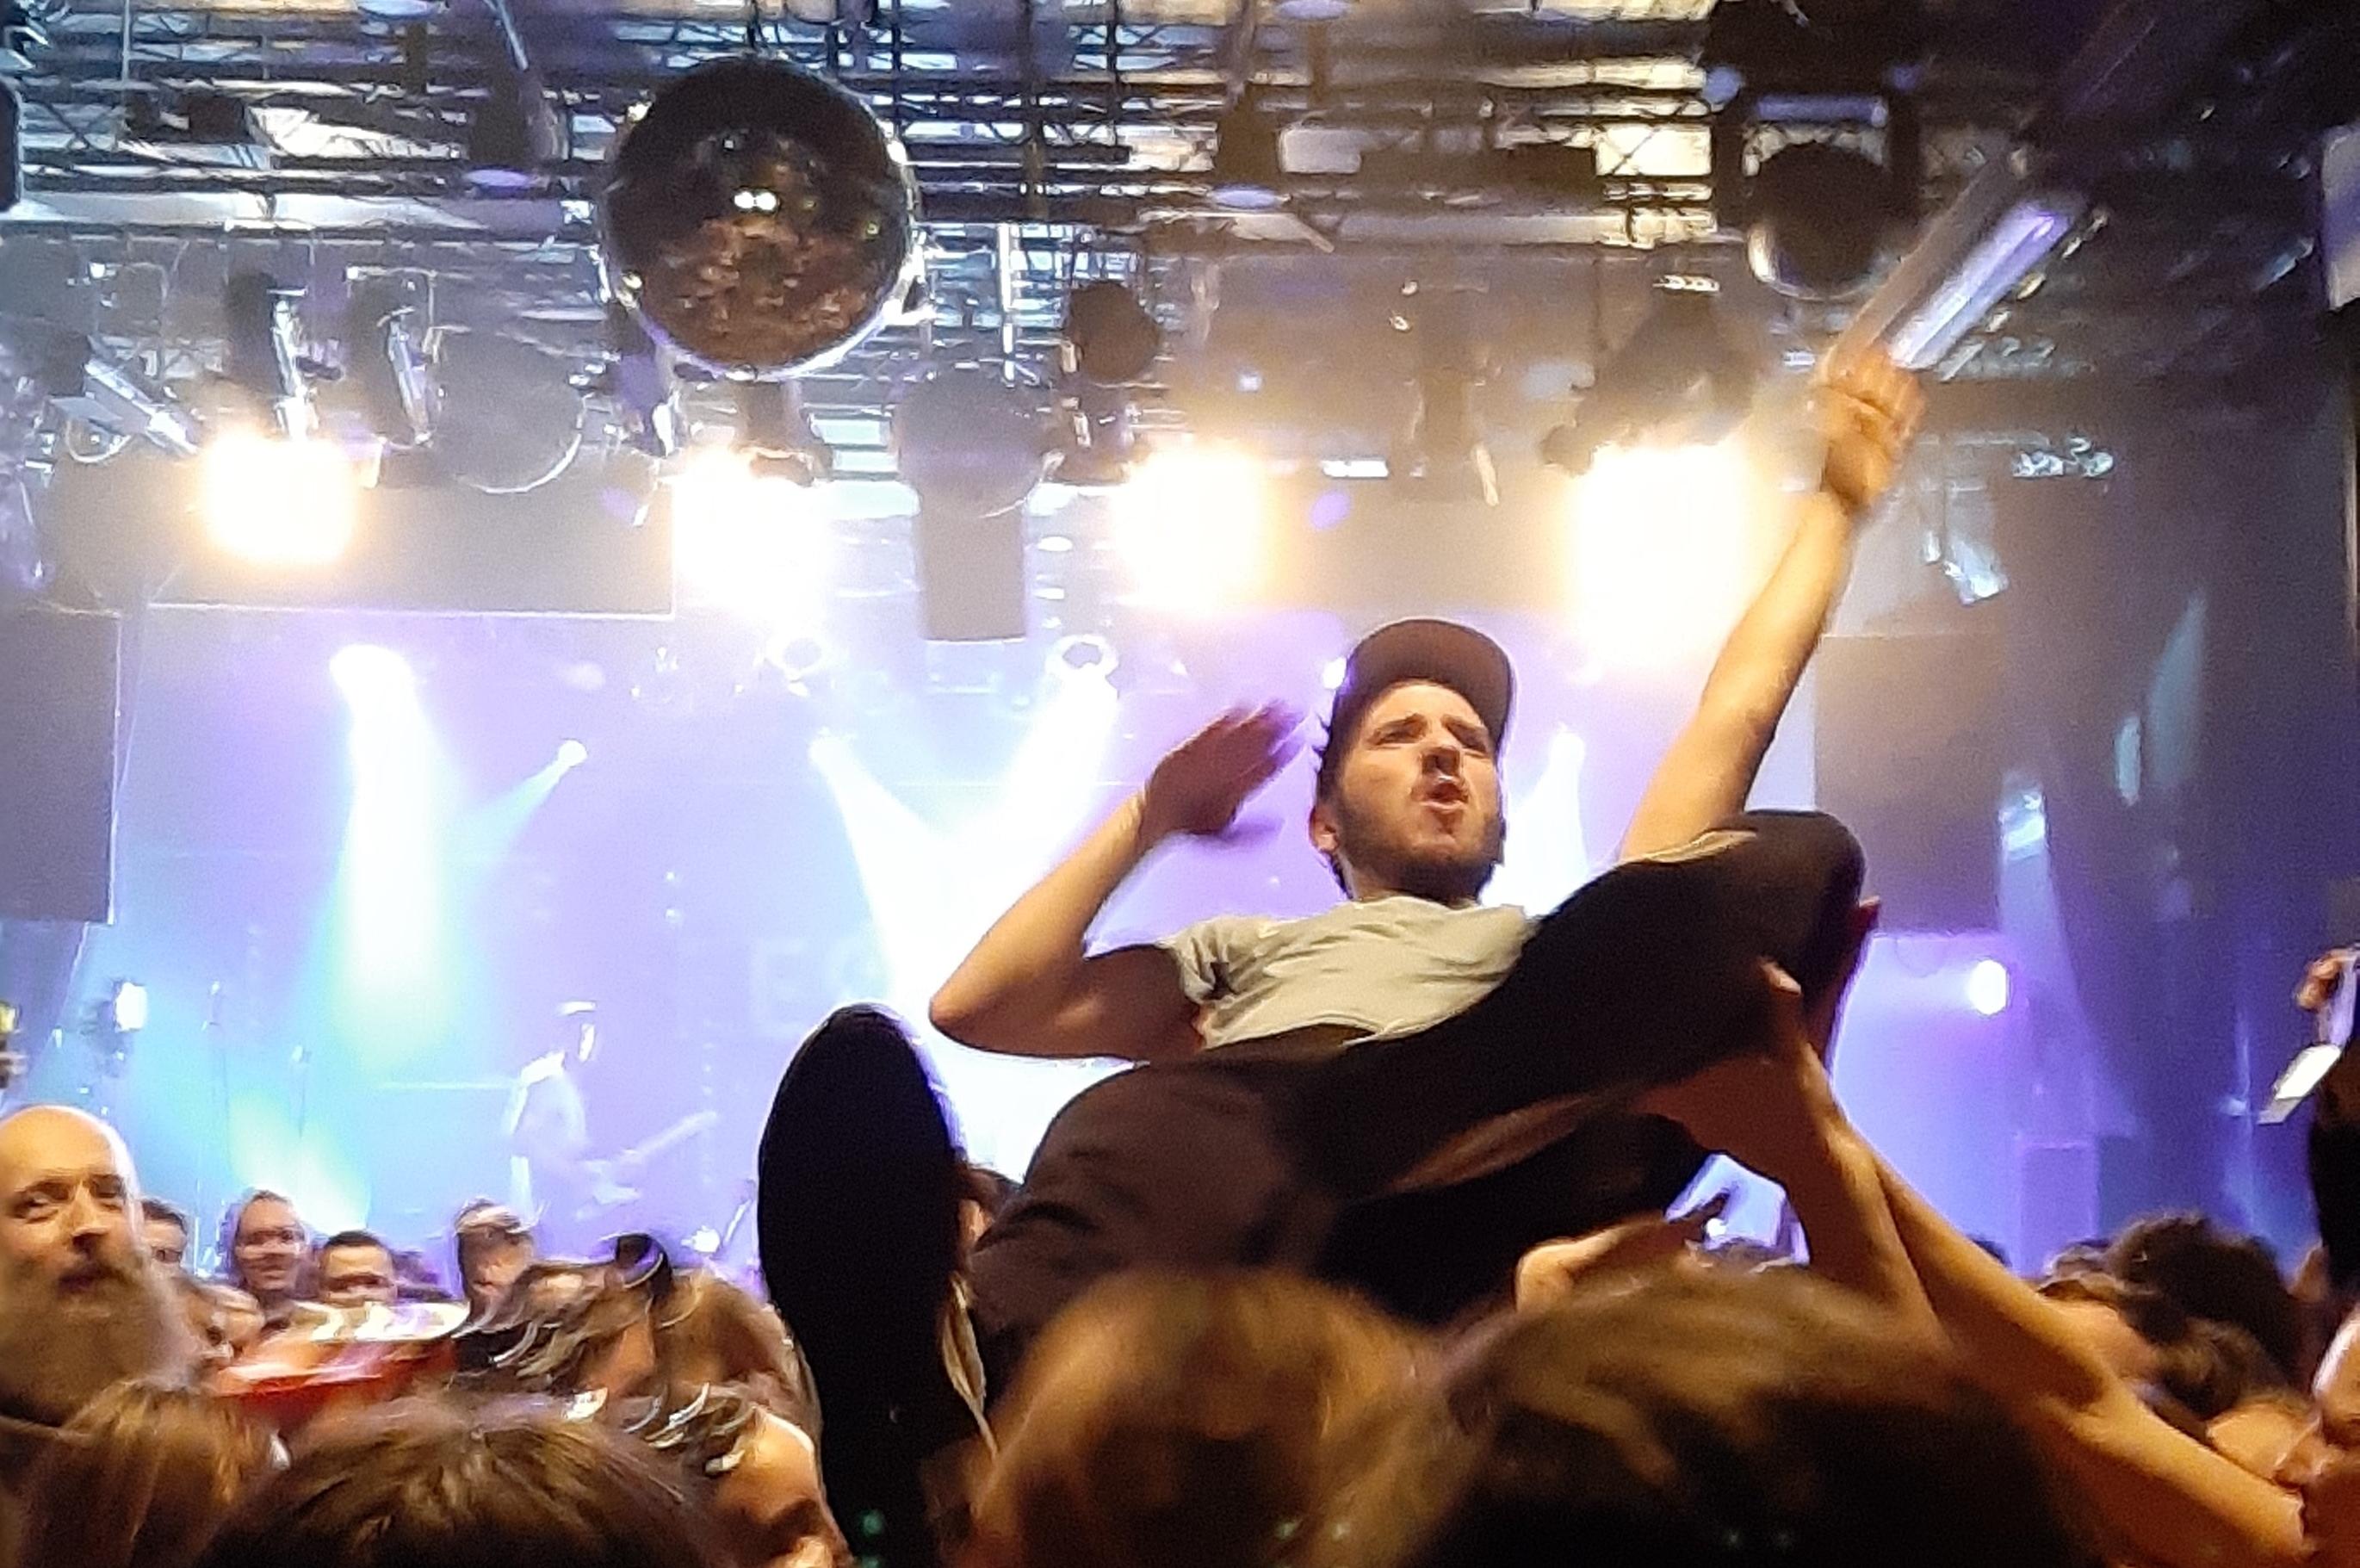 Leoniden im SO36 Das Spektakel des Jahres Picky Magazine Pickymagazine Blond Live Konzert Musik Indie Newcomer Blog Online Indie Rock Bericht Kids People